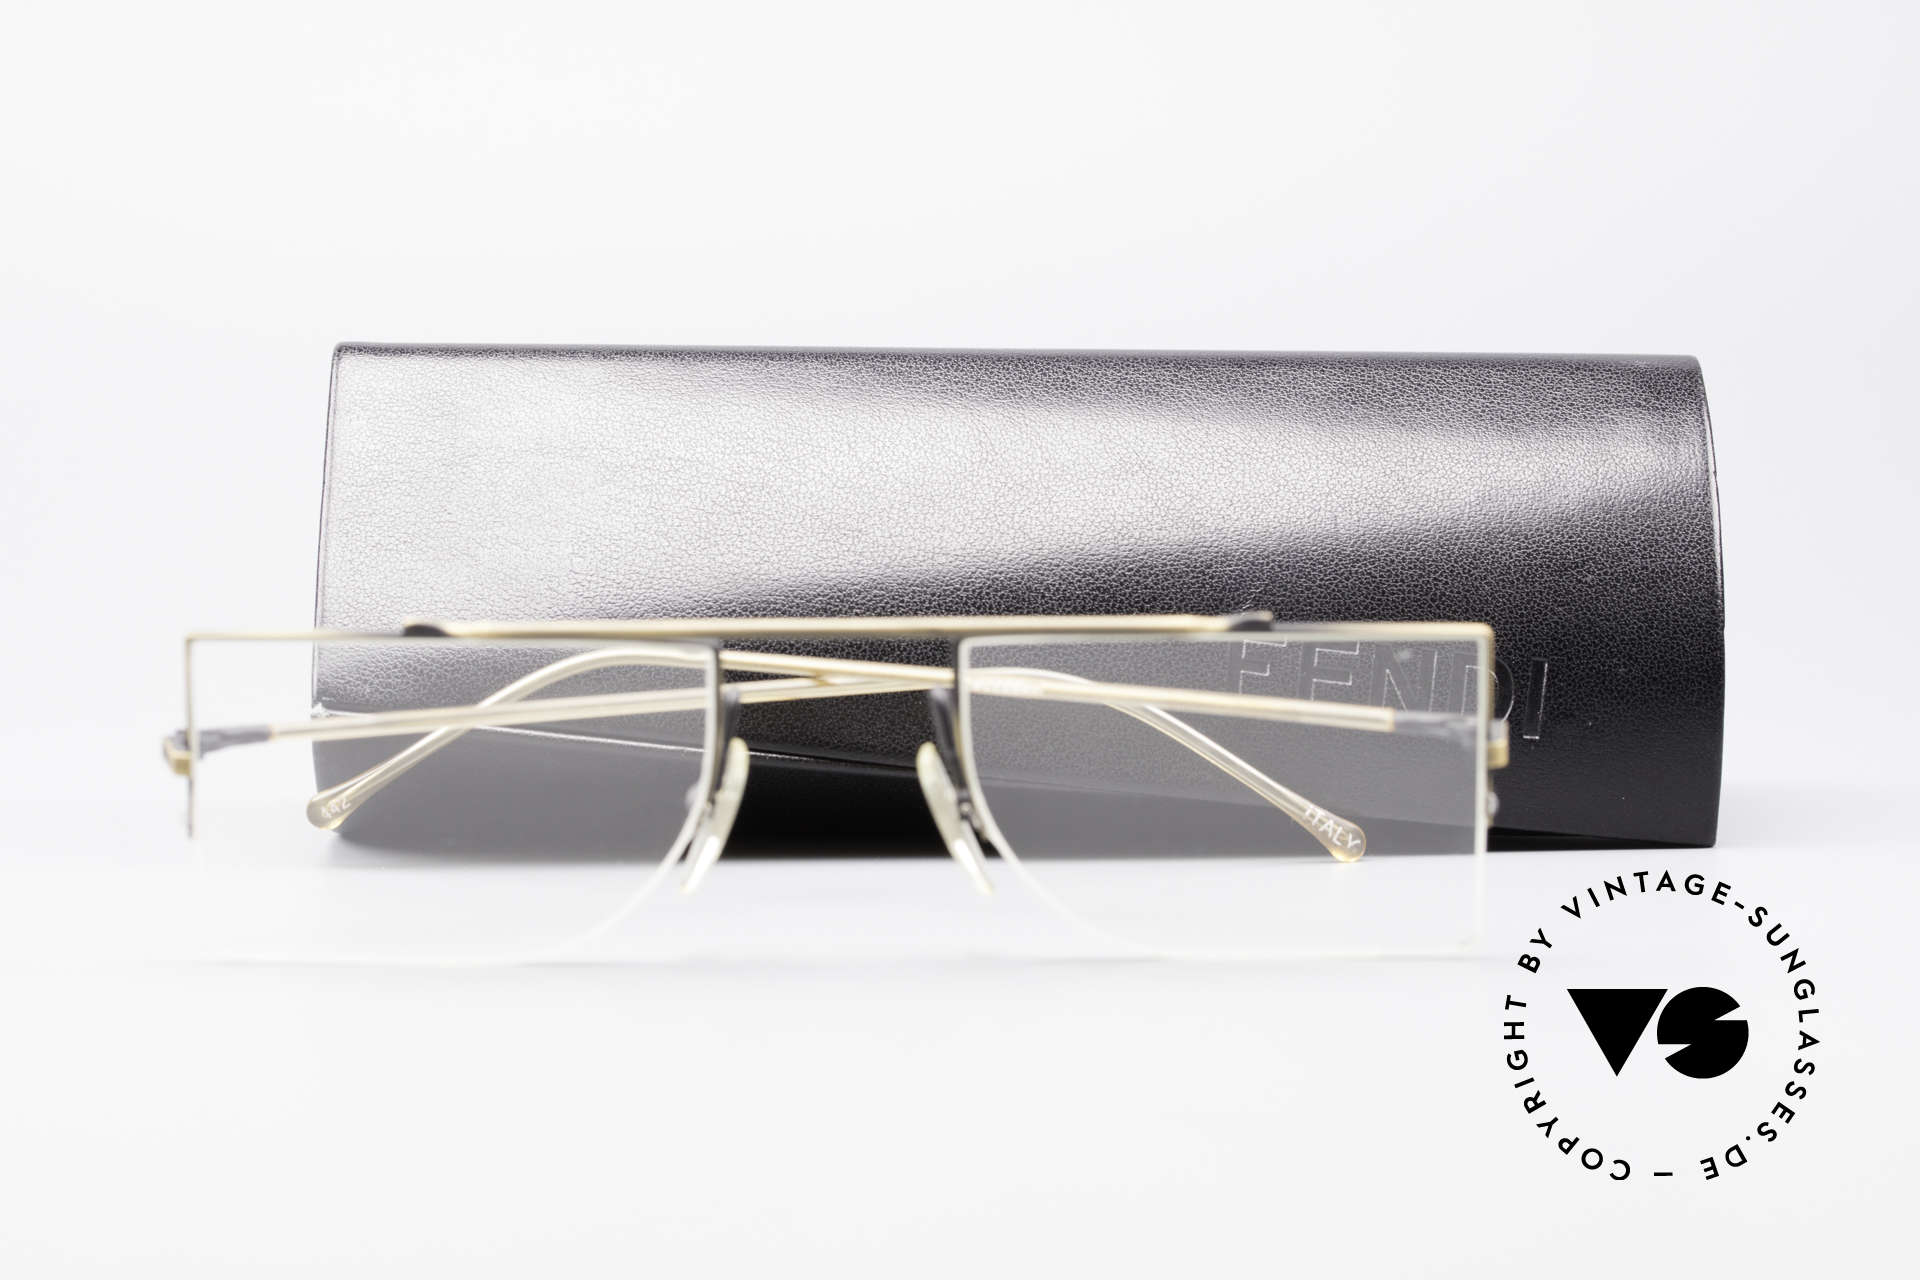 L.A. Eyeworks BURBANK 442 Echte Vintage Brille 90er, Größe: medium, Passend für Herren und Damen